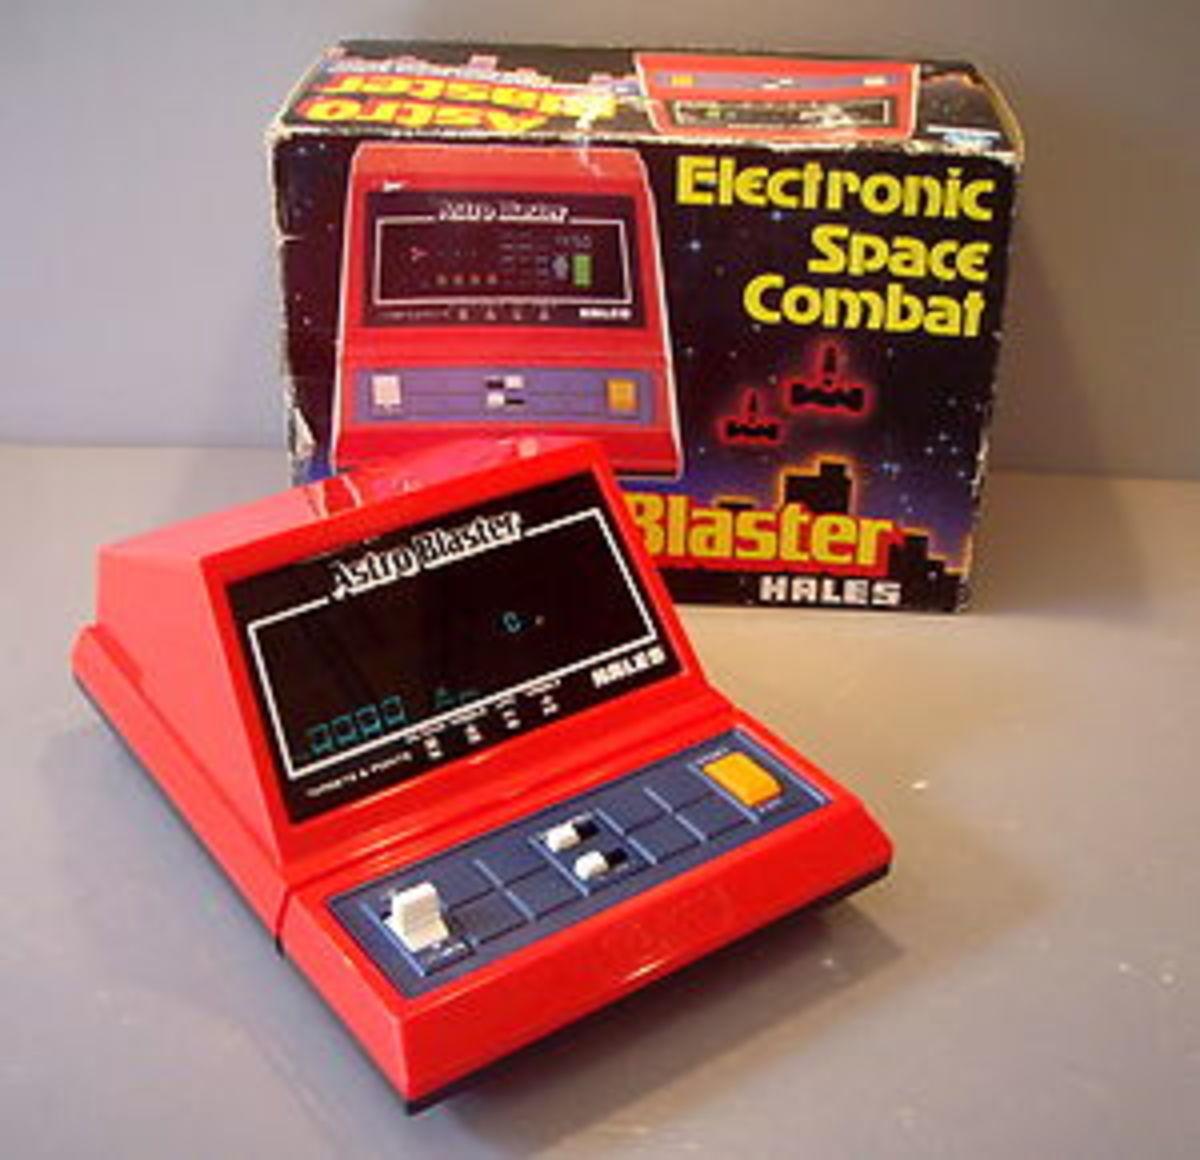 A Good Condition Astro Blaster Plus The Original Box